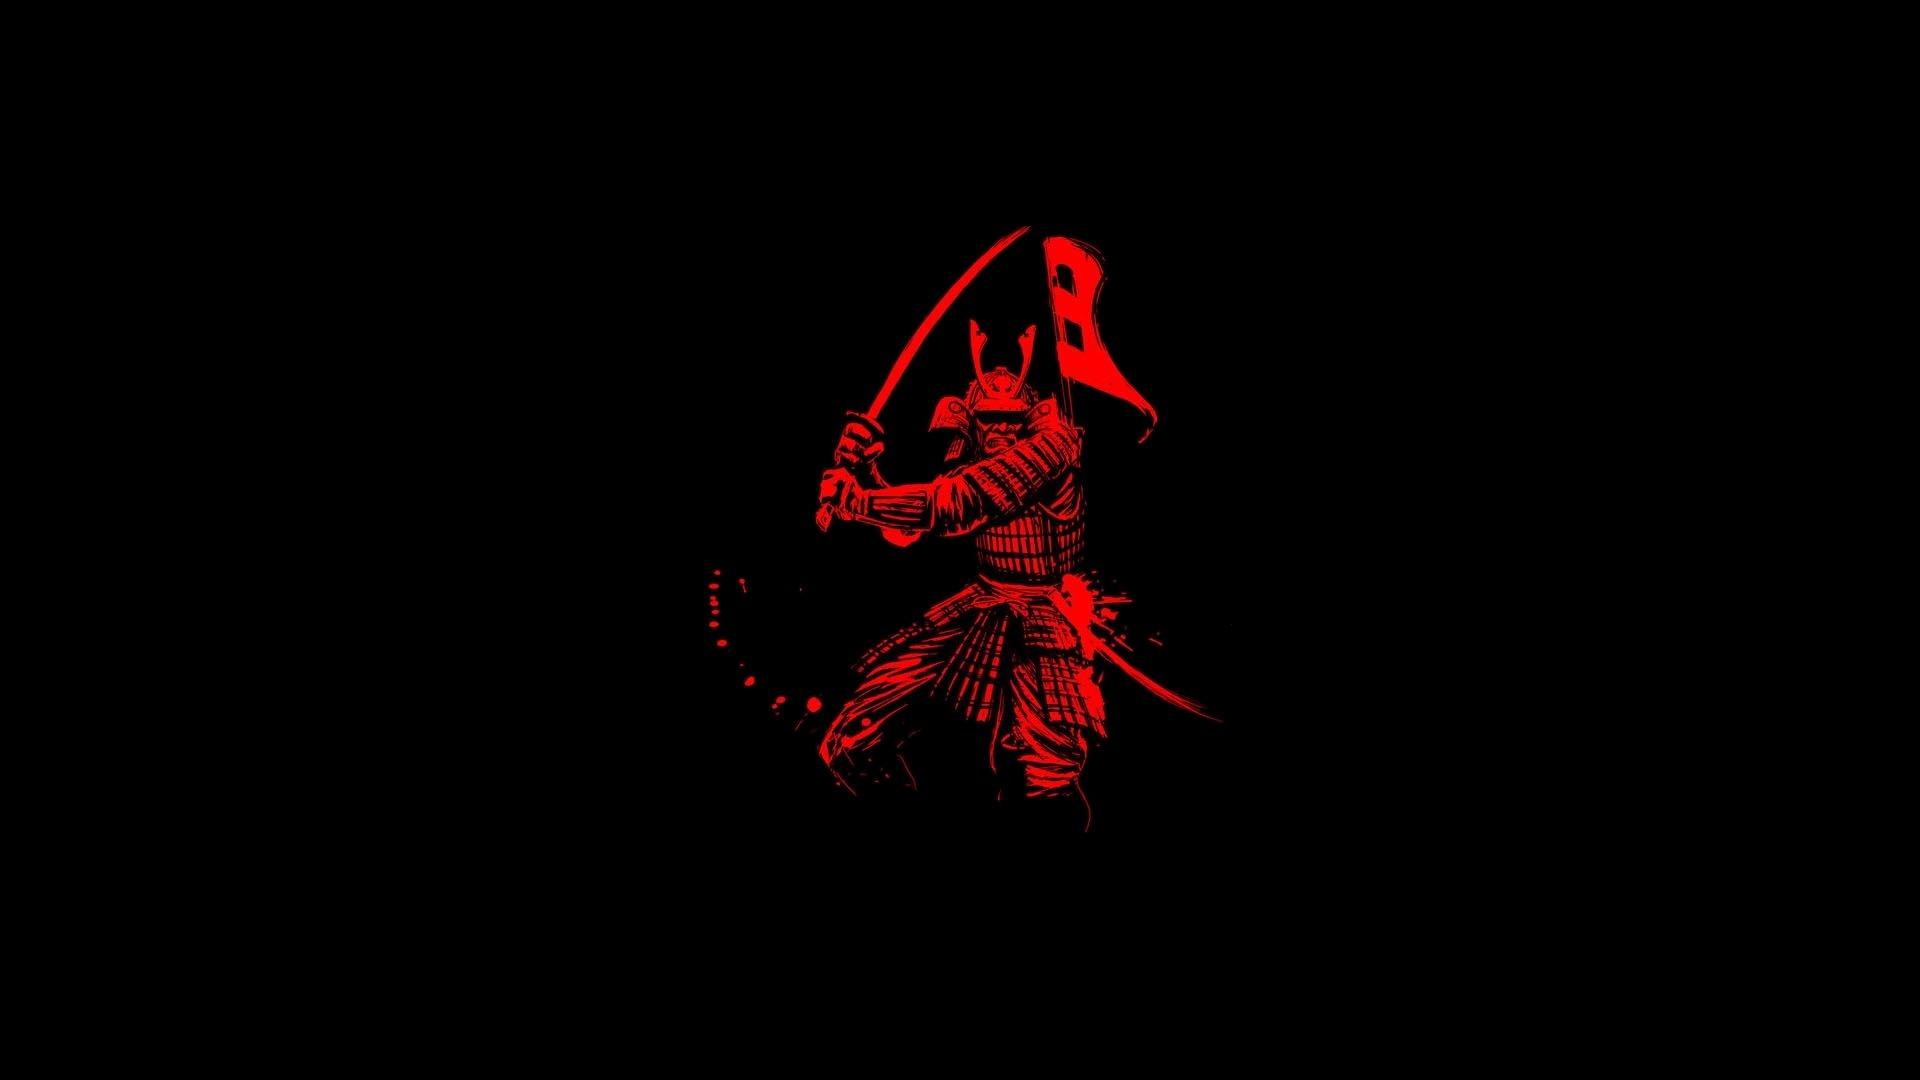 High Resolution Samurai Hd 1080p Wallpaper Id 45497 For Desktop